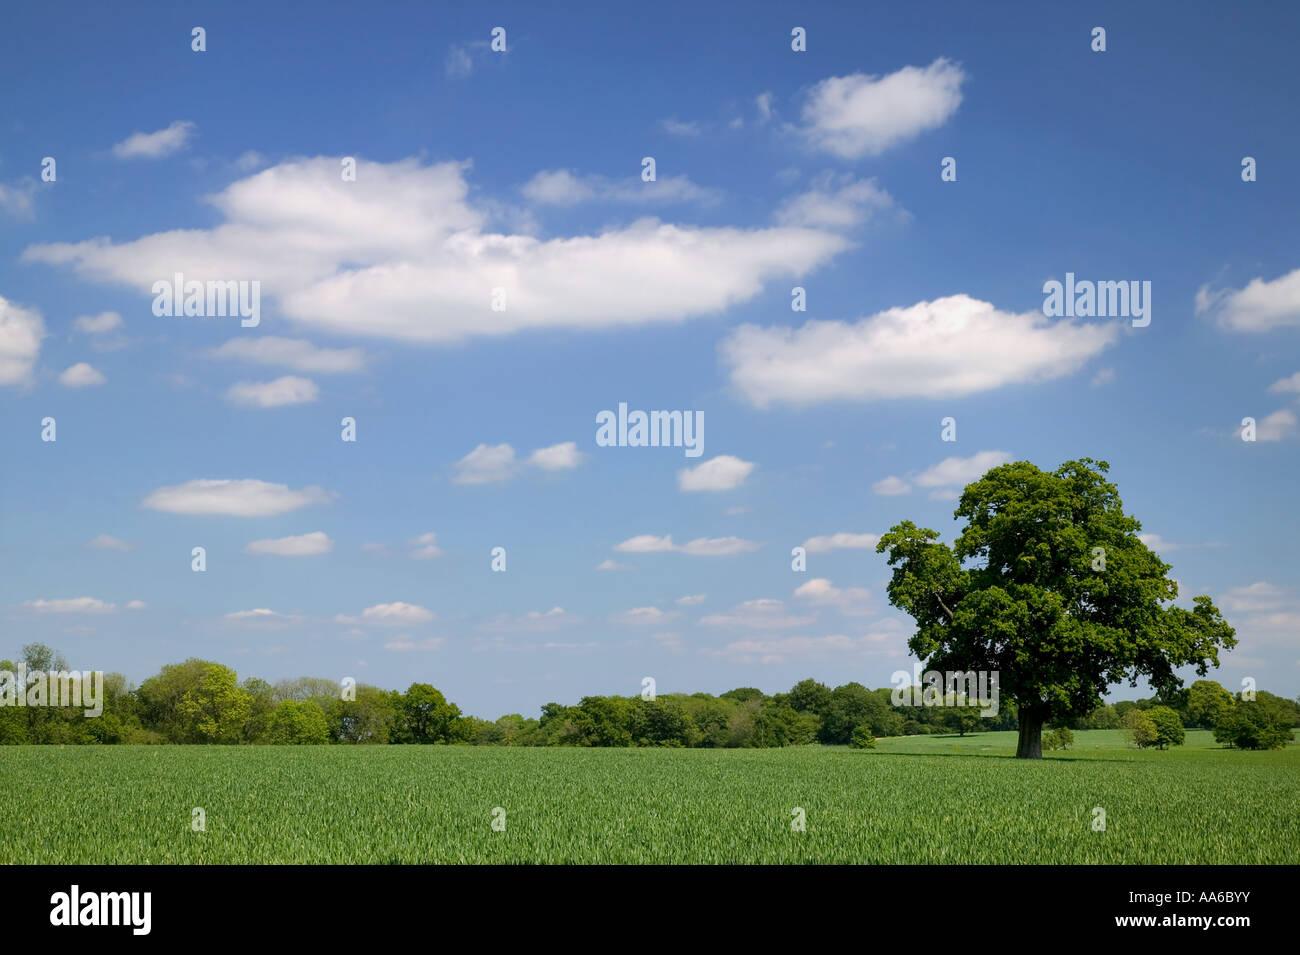 Vecchia Quercia in un campo di grano preso in un campo di Hampshire, Inghilterra. Immagini Stock